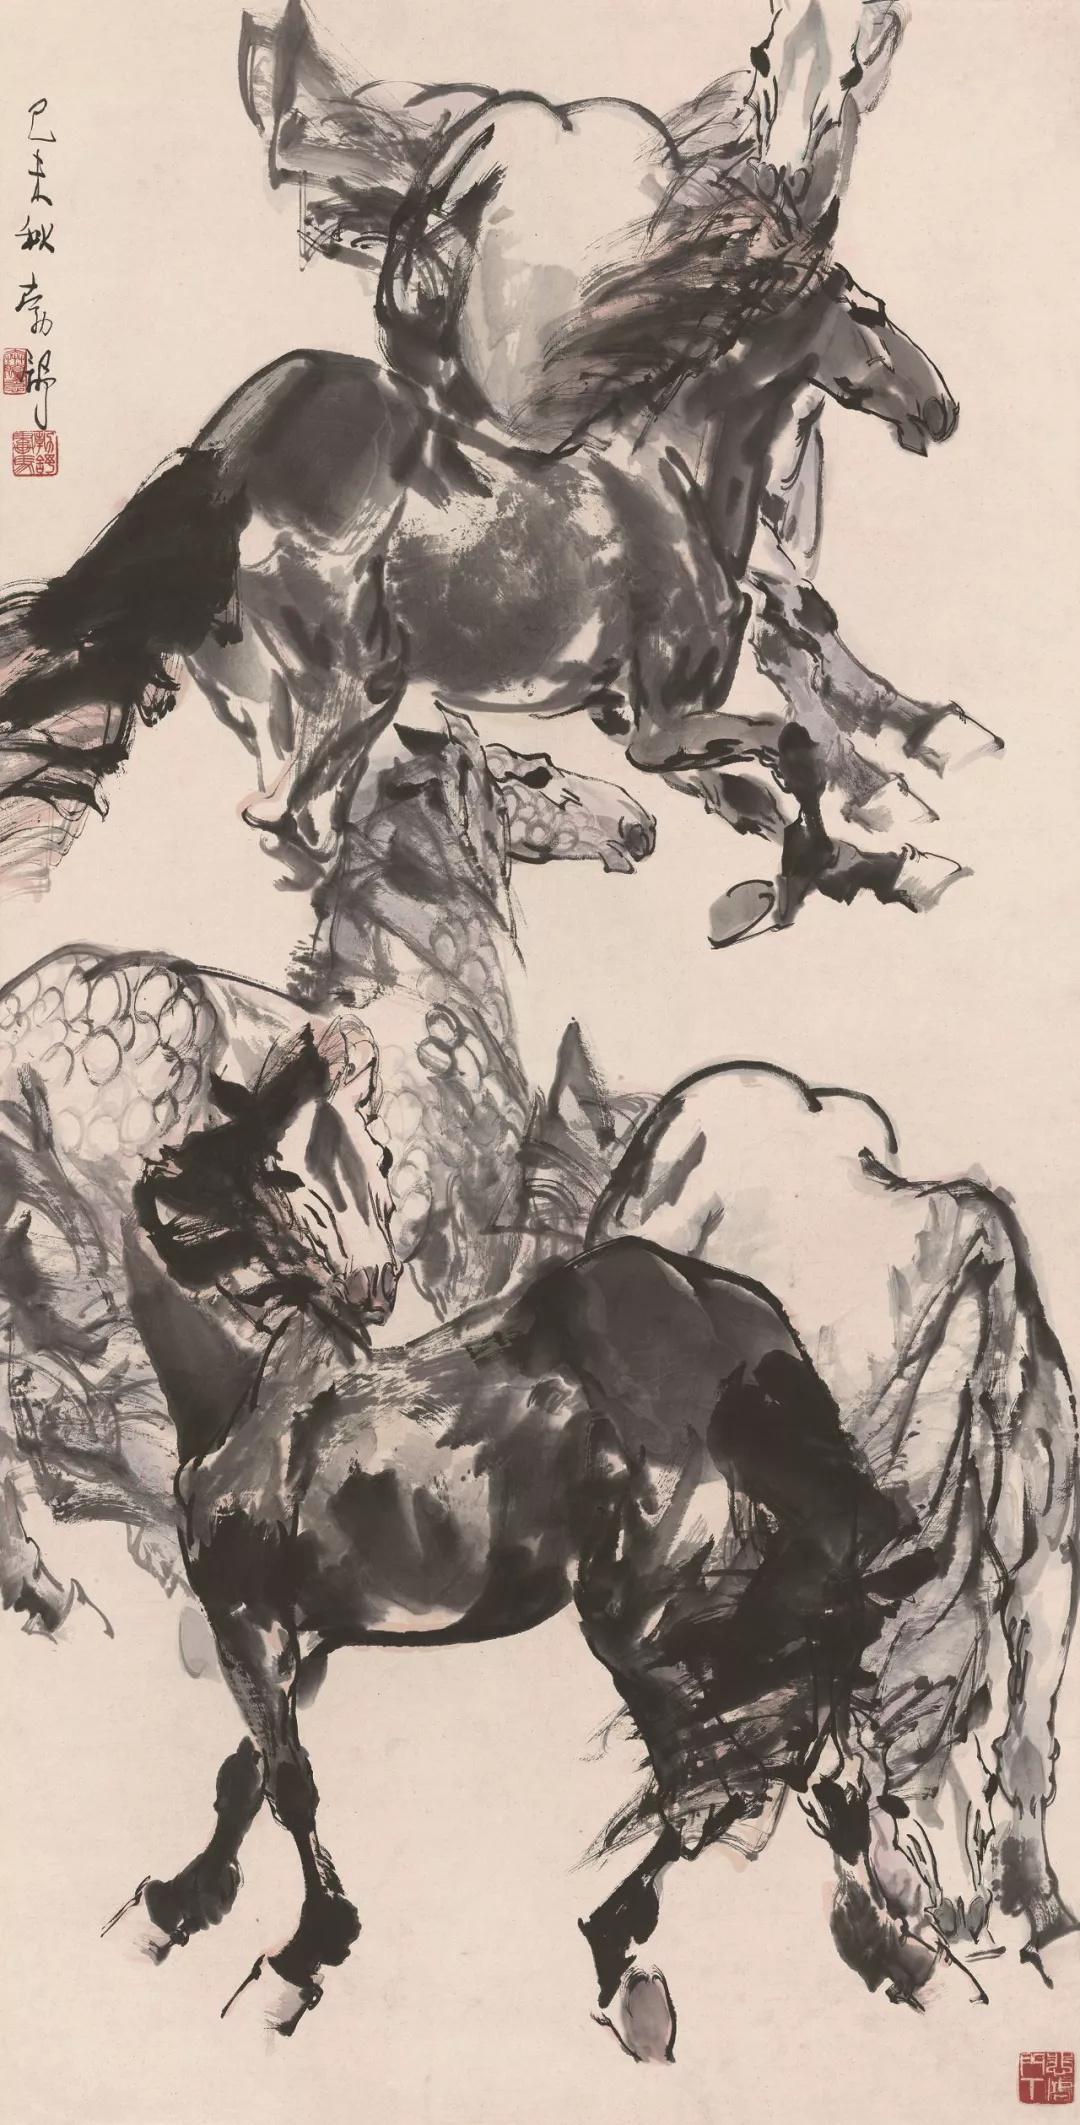 刘勃舒  五马图  138×68cm  1979年  中国画